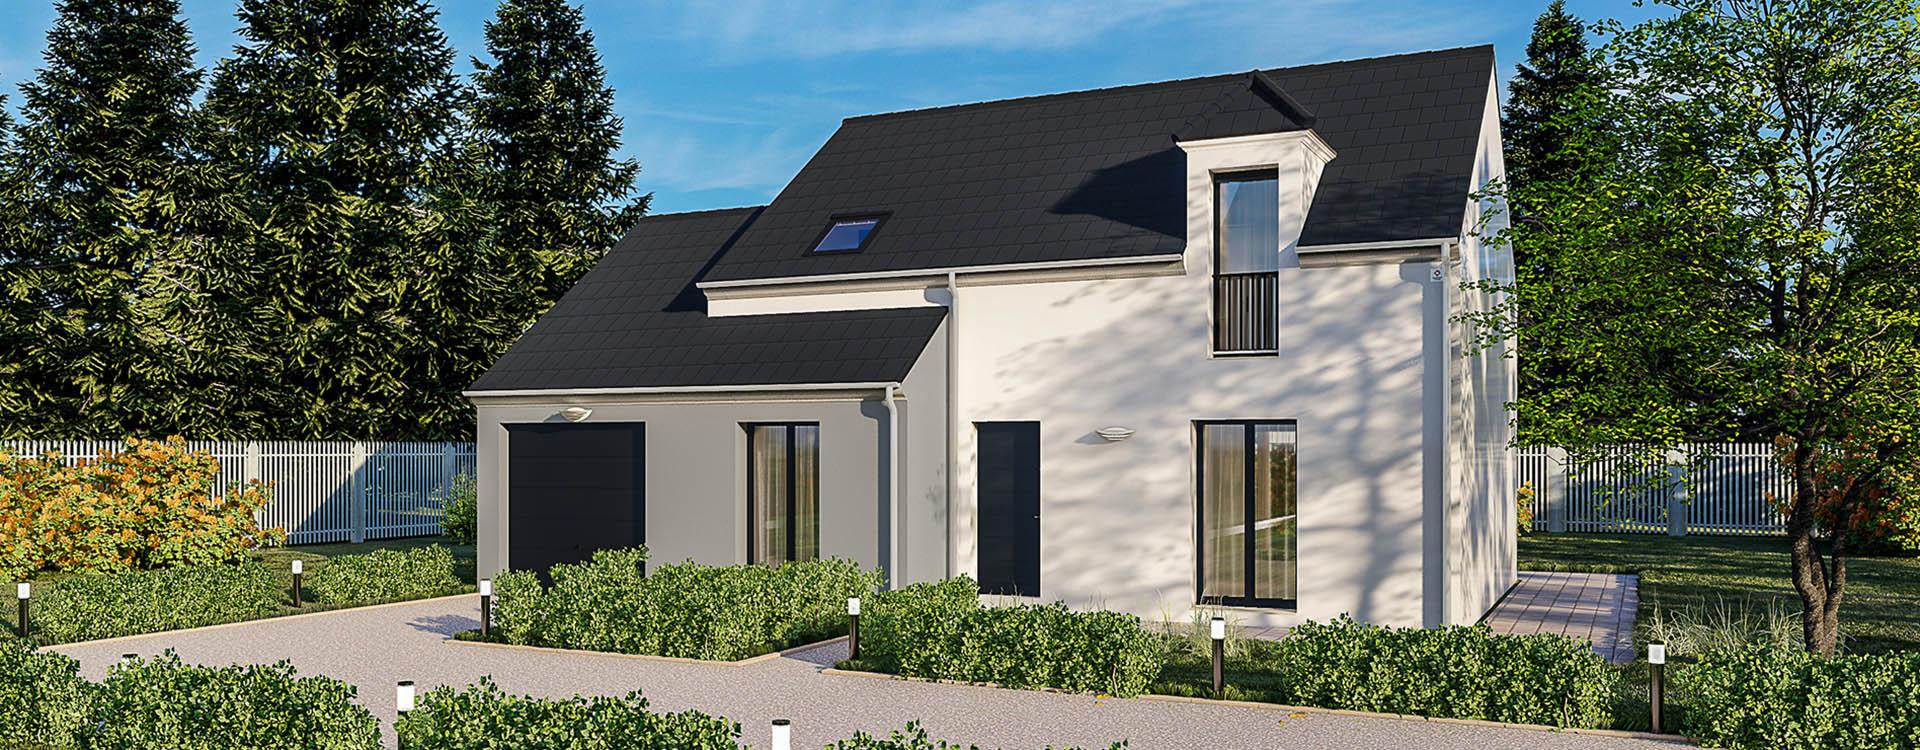 Maisons du constructeur MAISONS PIERRE MONTEVRAIN • 108 m² • MONTRY